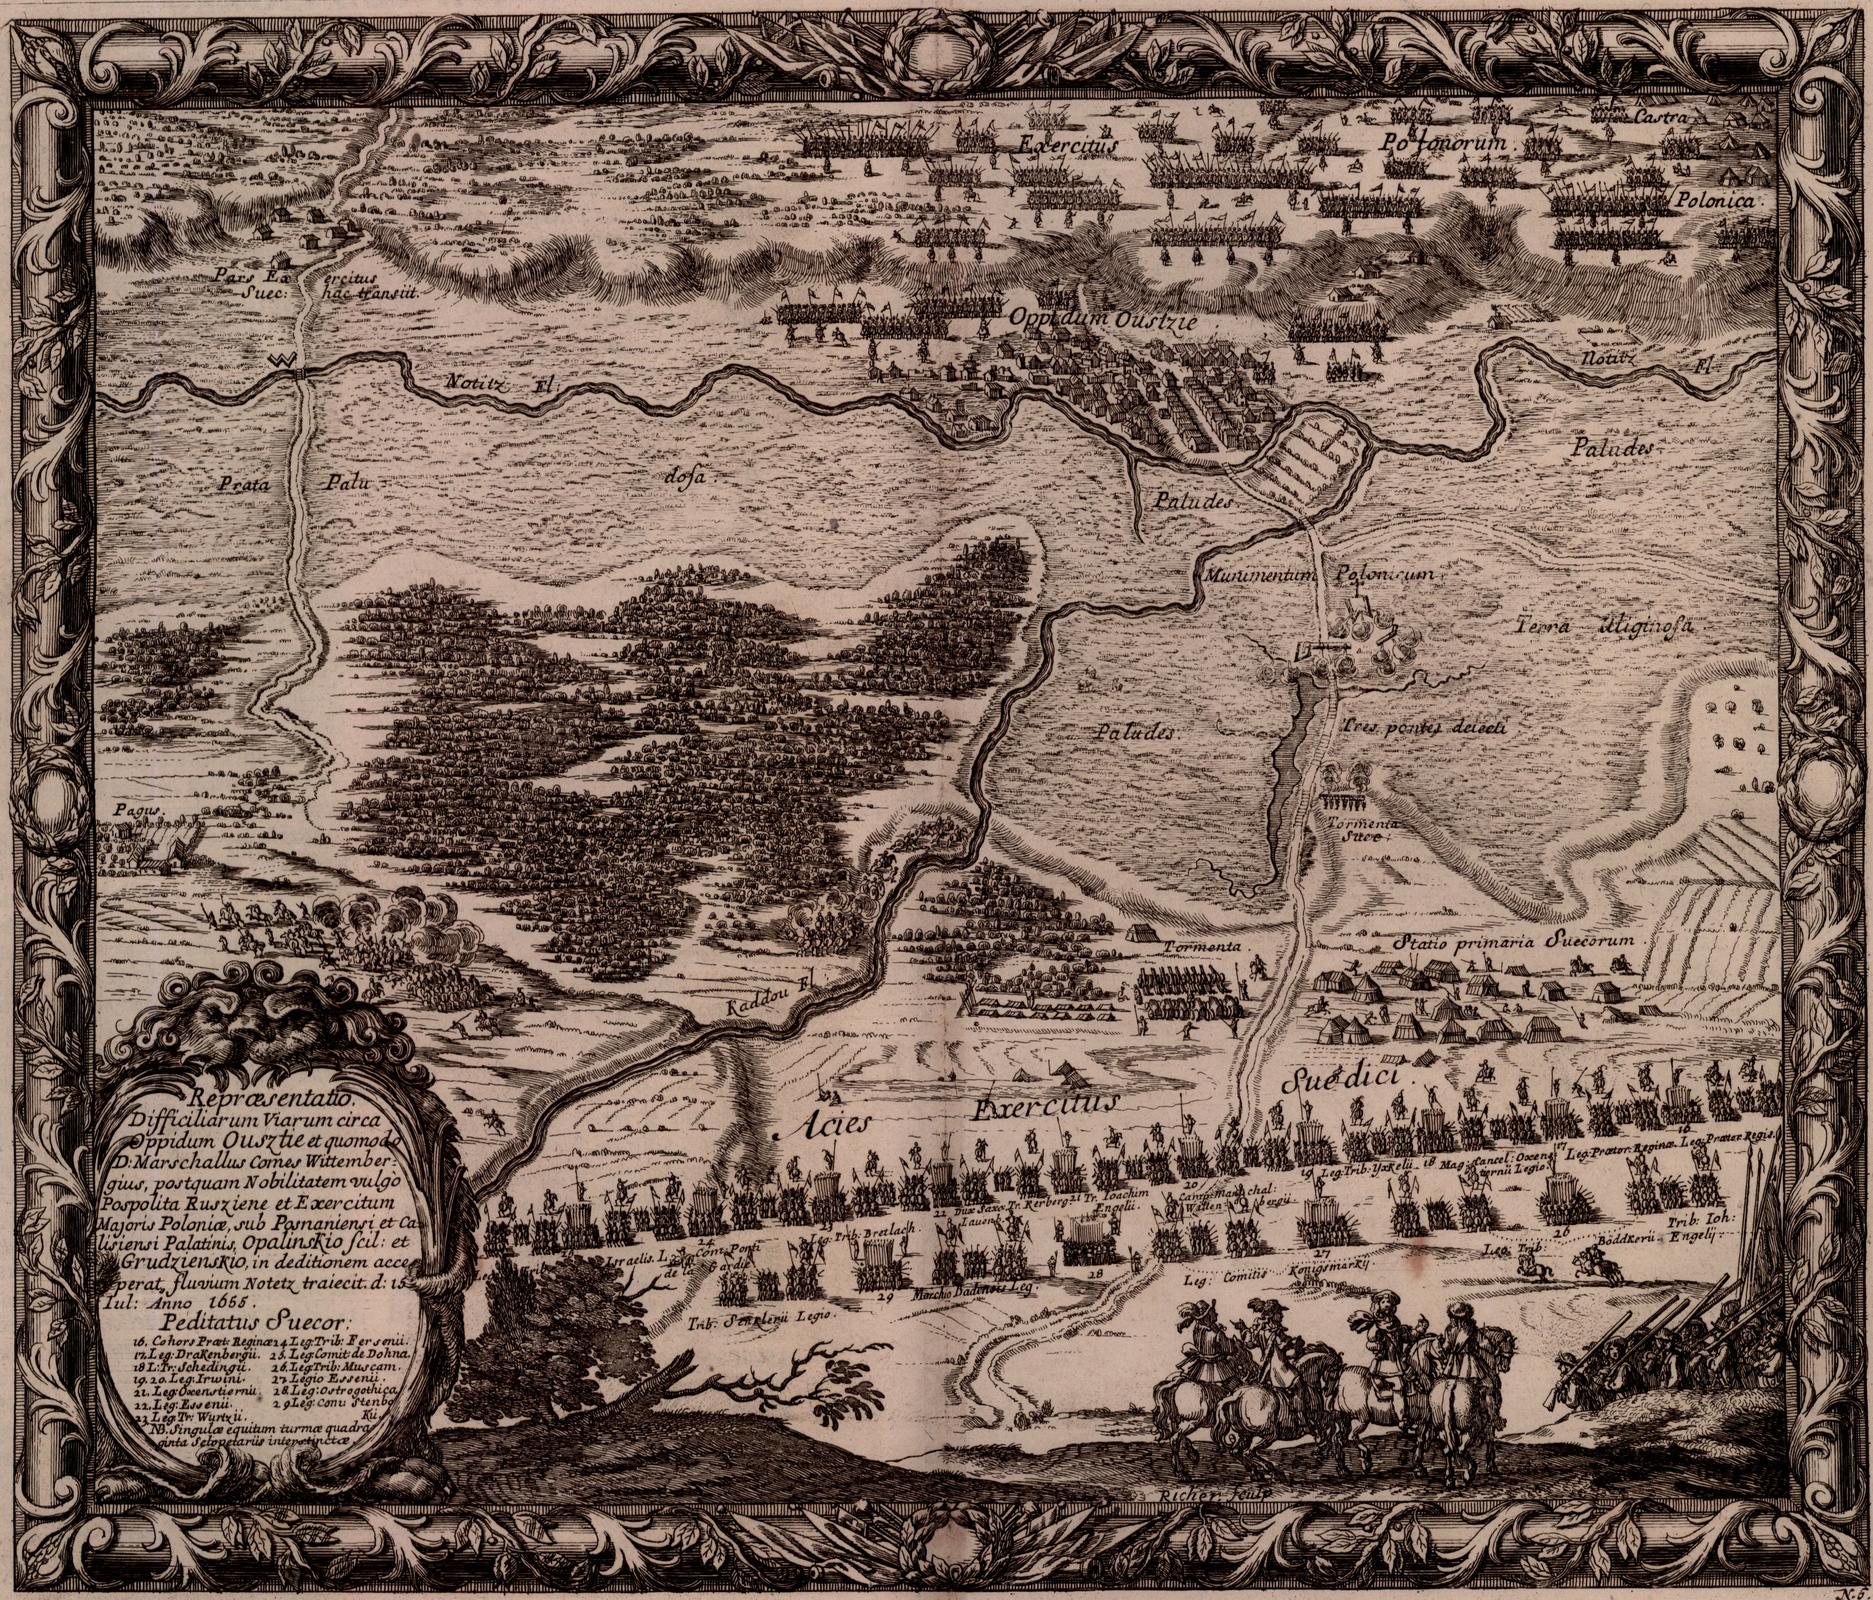 Samuel von Pufendorf, Oczynach Karola Gustawa, króla Szwecji, komentarzy ksiąg siedem, Norymberga 1696 Bitwa pod Ujściem -Szwedzi przystąpili do forsowania przeprawy. Naprzeciw polskich szańców ściągnęli przeważającą artylerię. Pięć godzin, aż do wieczora, trwała kanonada. Tymczasem feldmarszałek Arvid Wittenberg, zauważywszy trudności zdobycia głównej przeprawy, pchnął pod wieczór oddział rajtarów boczną drogą na Dziembowo. Wiadomość osforsowaniu przeprawy pod Dziembowem wywołała panikęwobozie polskim iwojewodowie - zamiast wykorzystać odosobnienie przeprawionych pod Dziembowem oddziałów izadać im klęskę, broniąc jednocześnie przeprawy pod Ujściem - wszczęli oświcie rokowania iwpołudnie 25 VII 1655 rokuhaniebnie kapitulowali poddając swe województwa Szwedom. Źródło: Erik Dahlbergh, Samuel von Pufendorf, Oczynach Karola Gustawa, króla Szwecji, komentarzy ksiąg siedem, Norymberga 1696, 1655, domena publiczna.